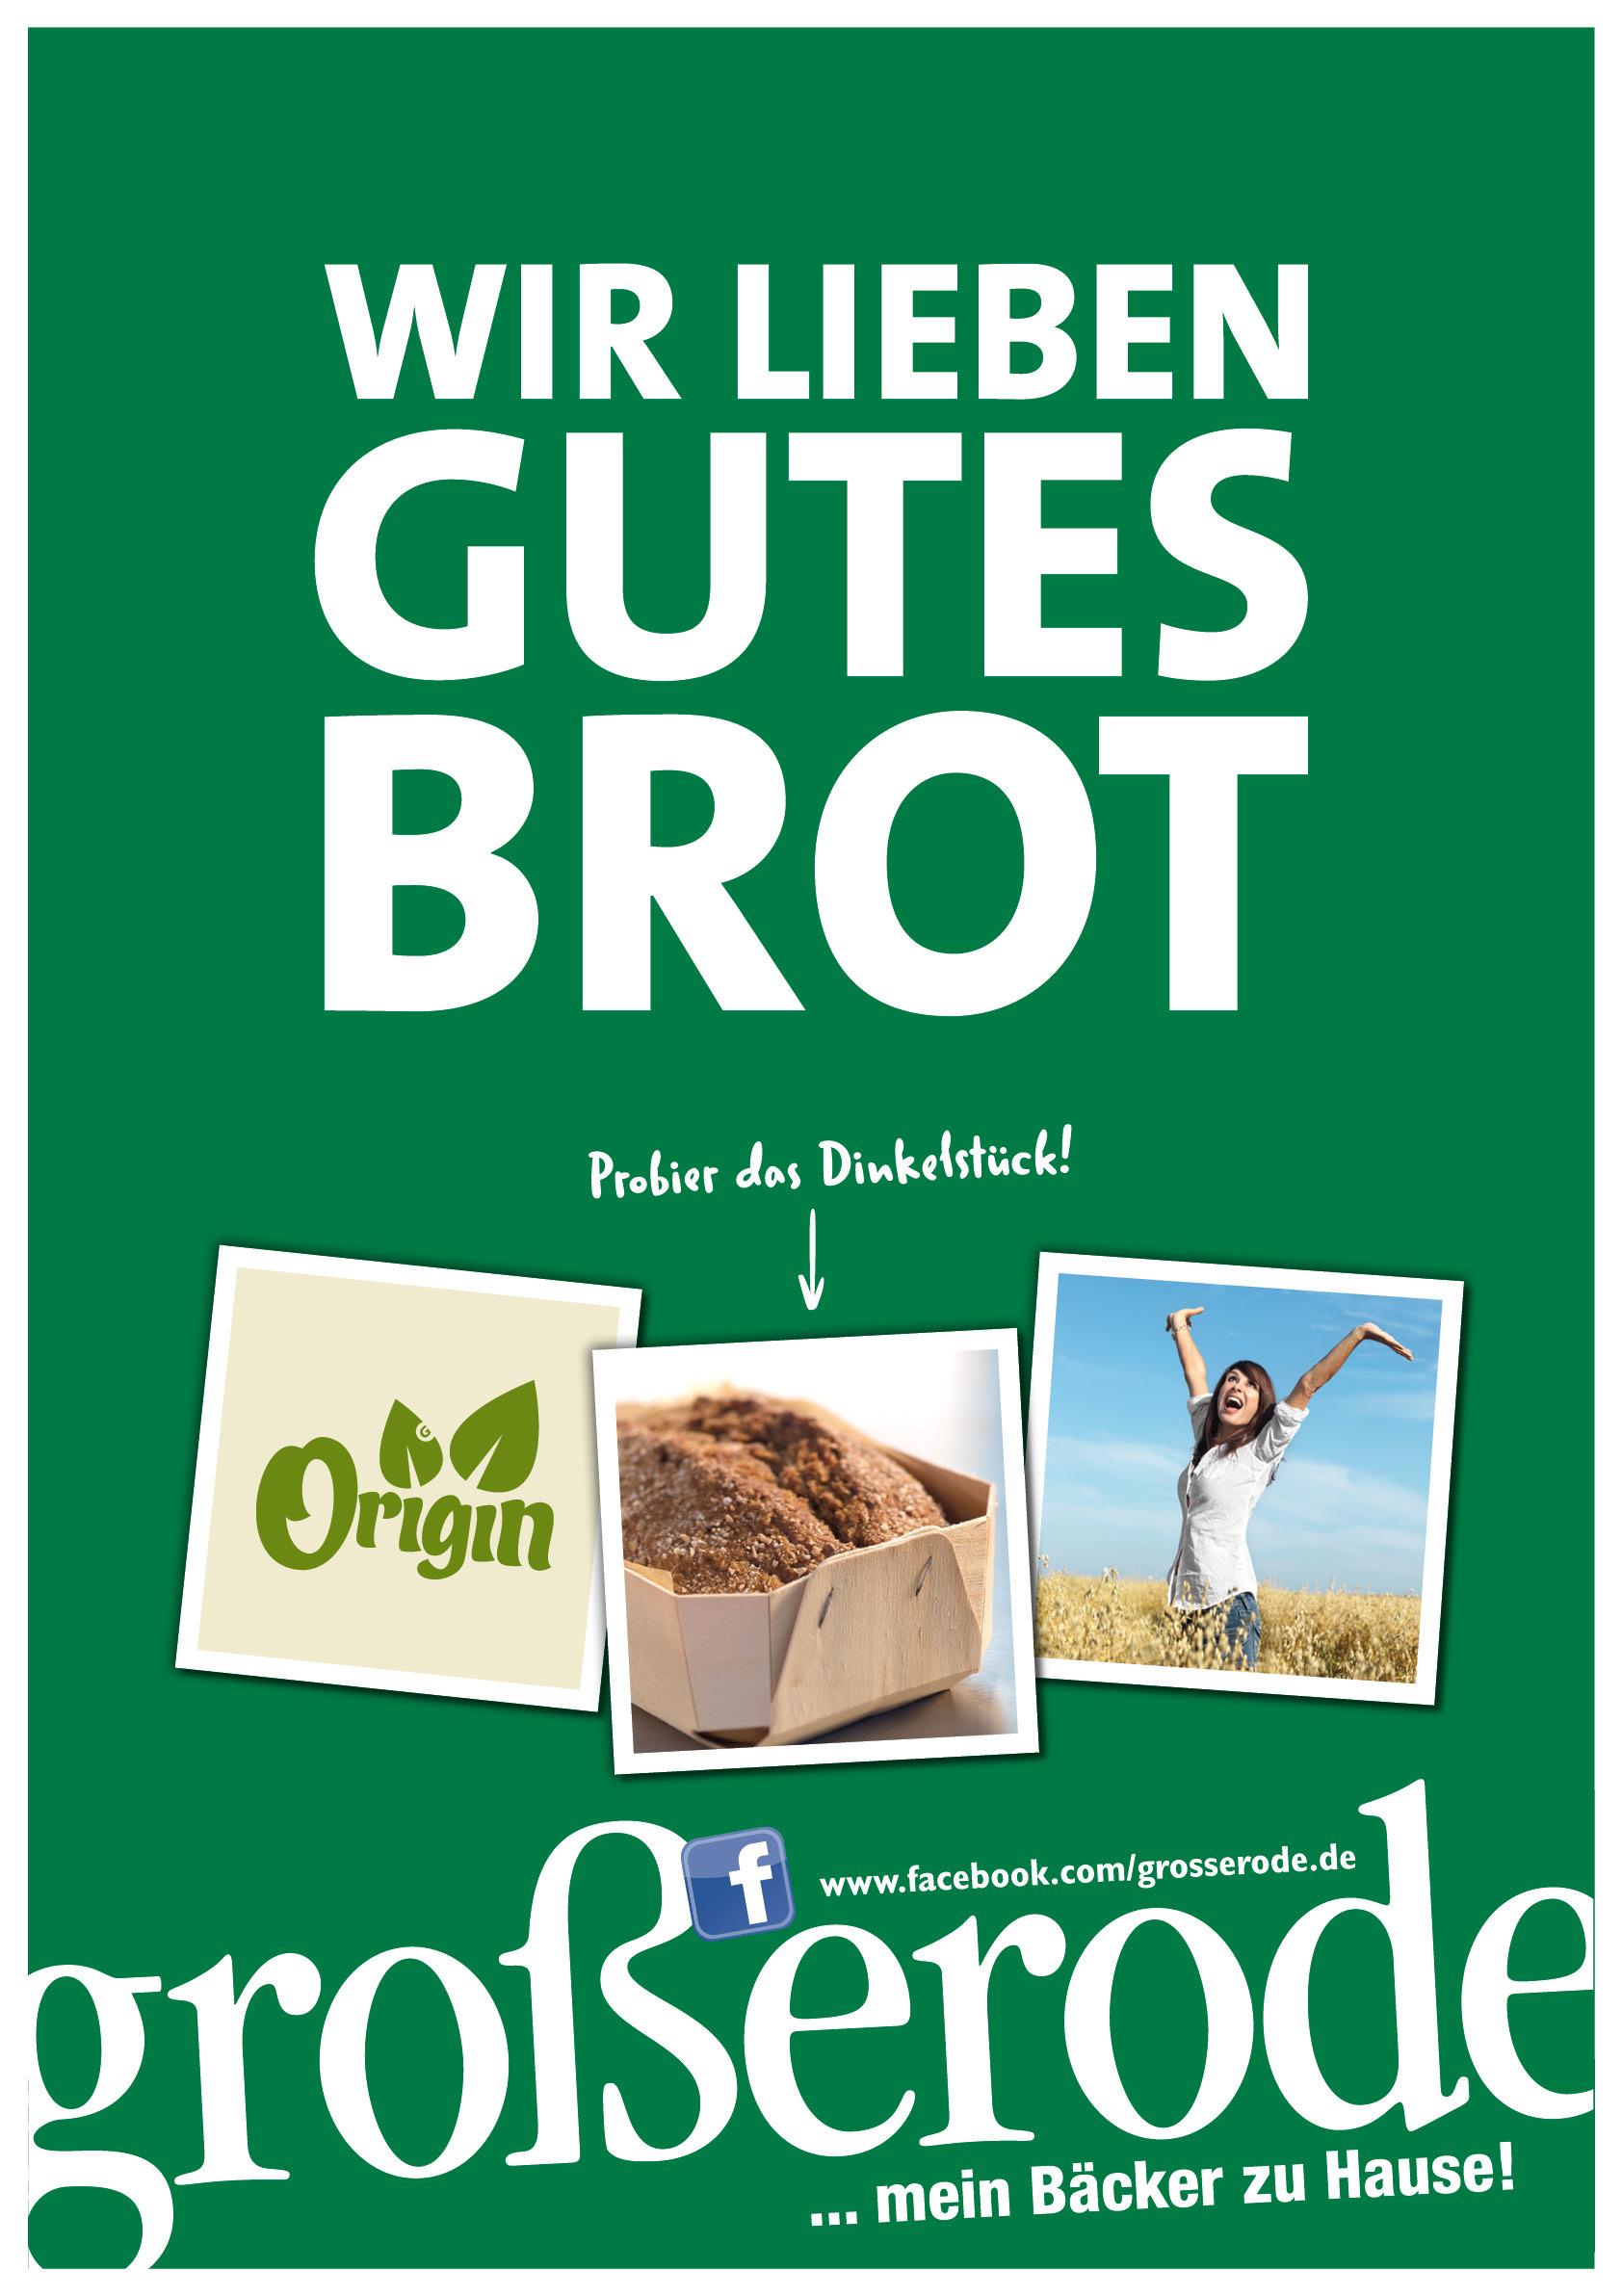 Grosserode_Brotaktion_Plakate_A1-3.jpg